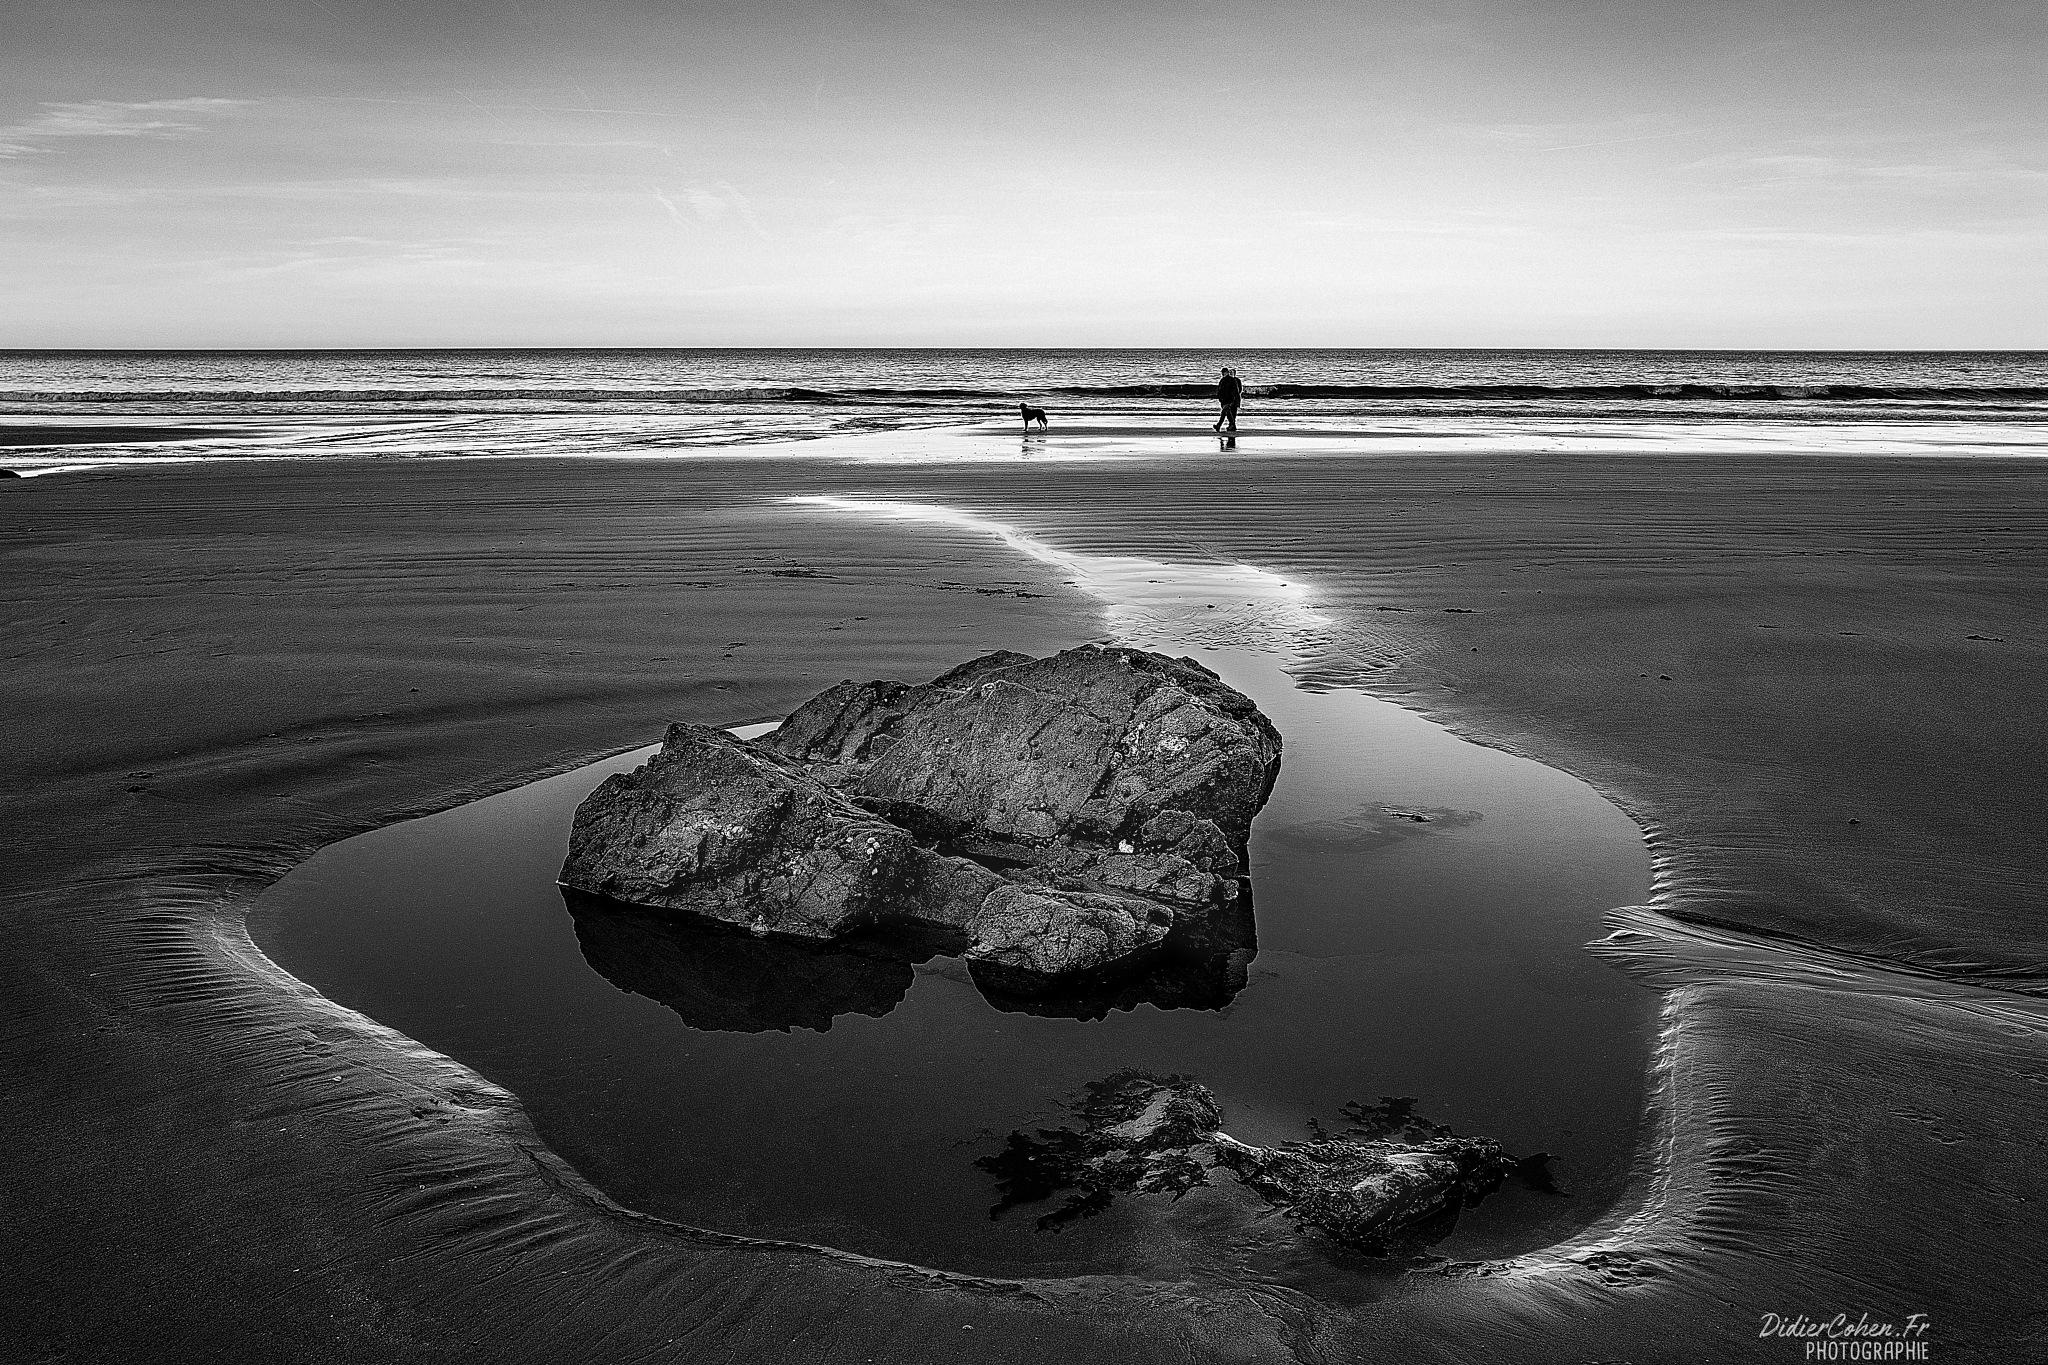 PLAGE BONAPARTE/BRETAGNE/FRANCE by Didier Cohen